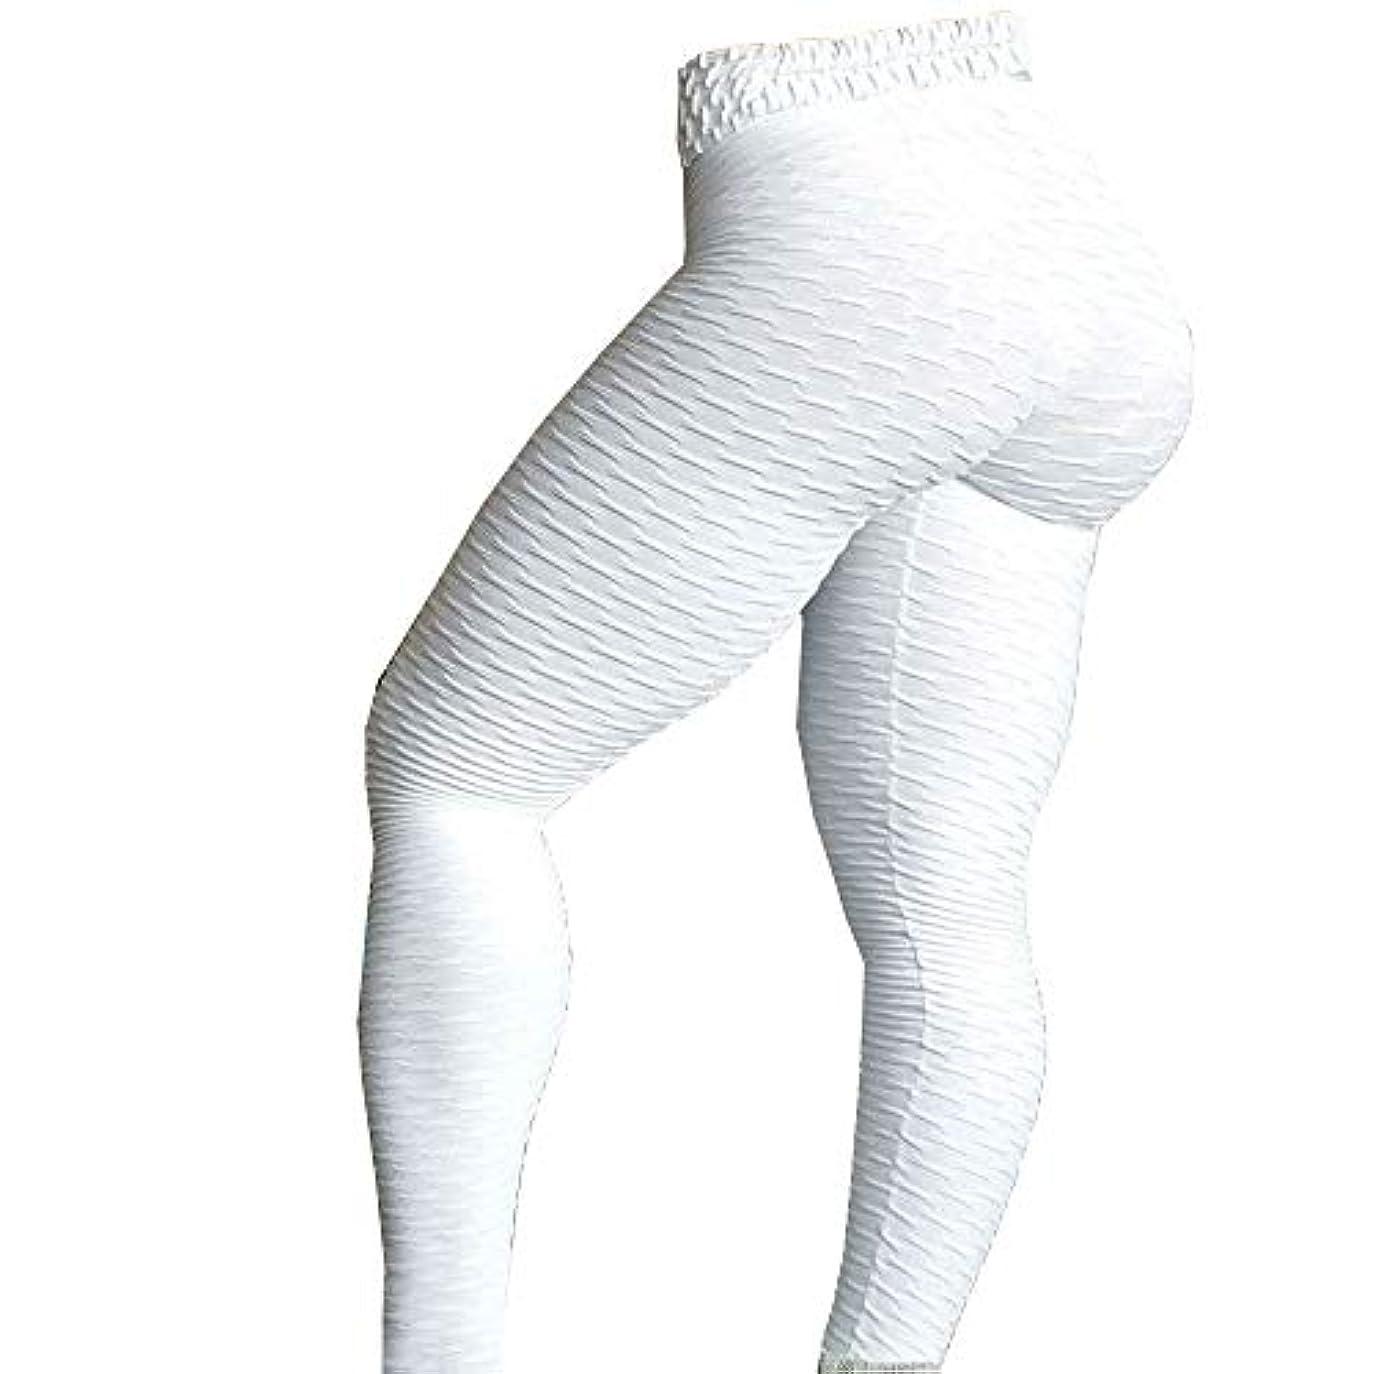 パラナ川実質的送金MIFAN パンツ女性、ハイウエストパンツ、スキニーパンツ、ヨガレギンス、女性のズボン、ランニングパンツ、スポーツウェア